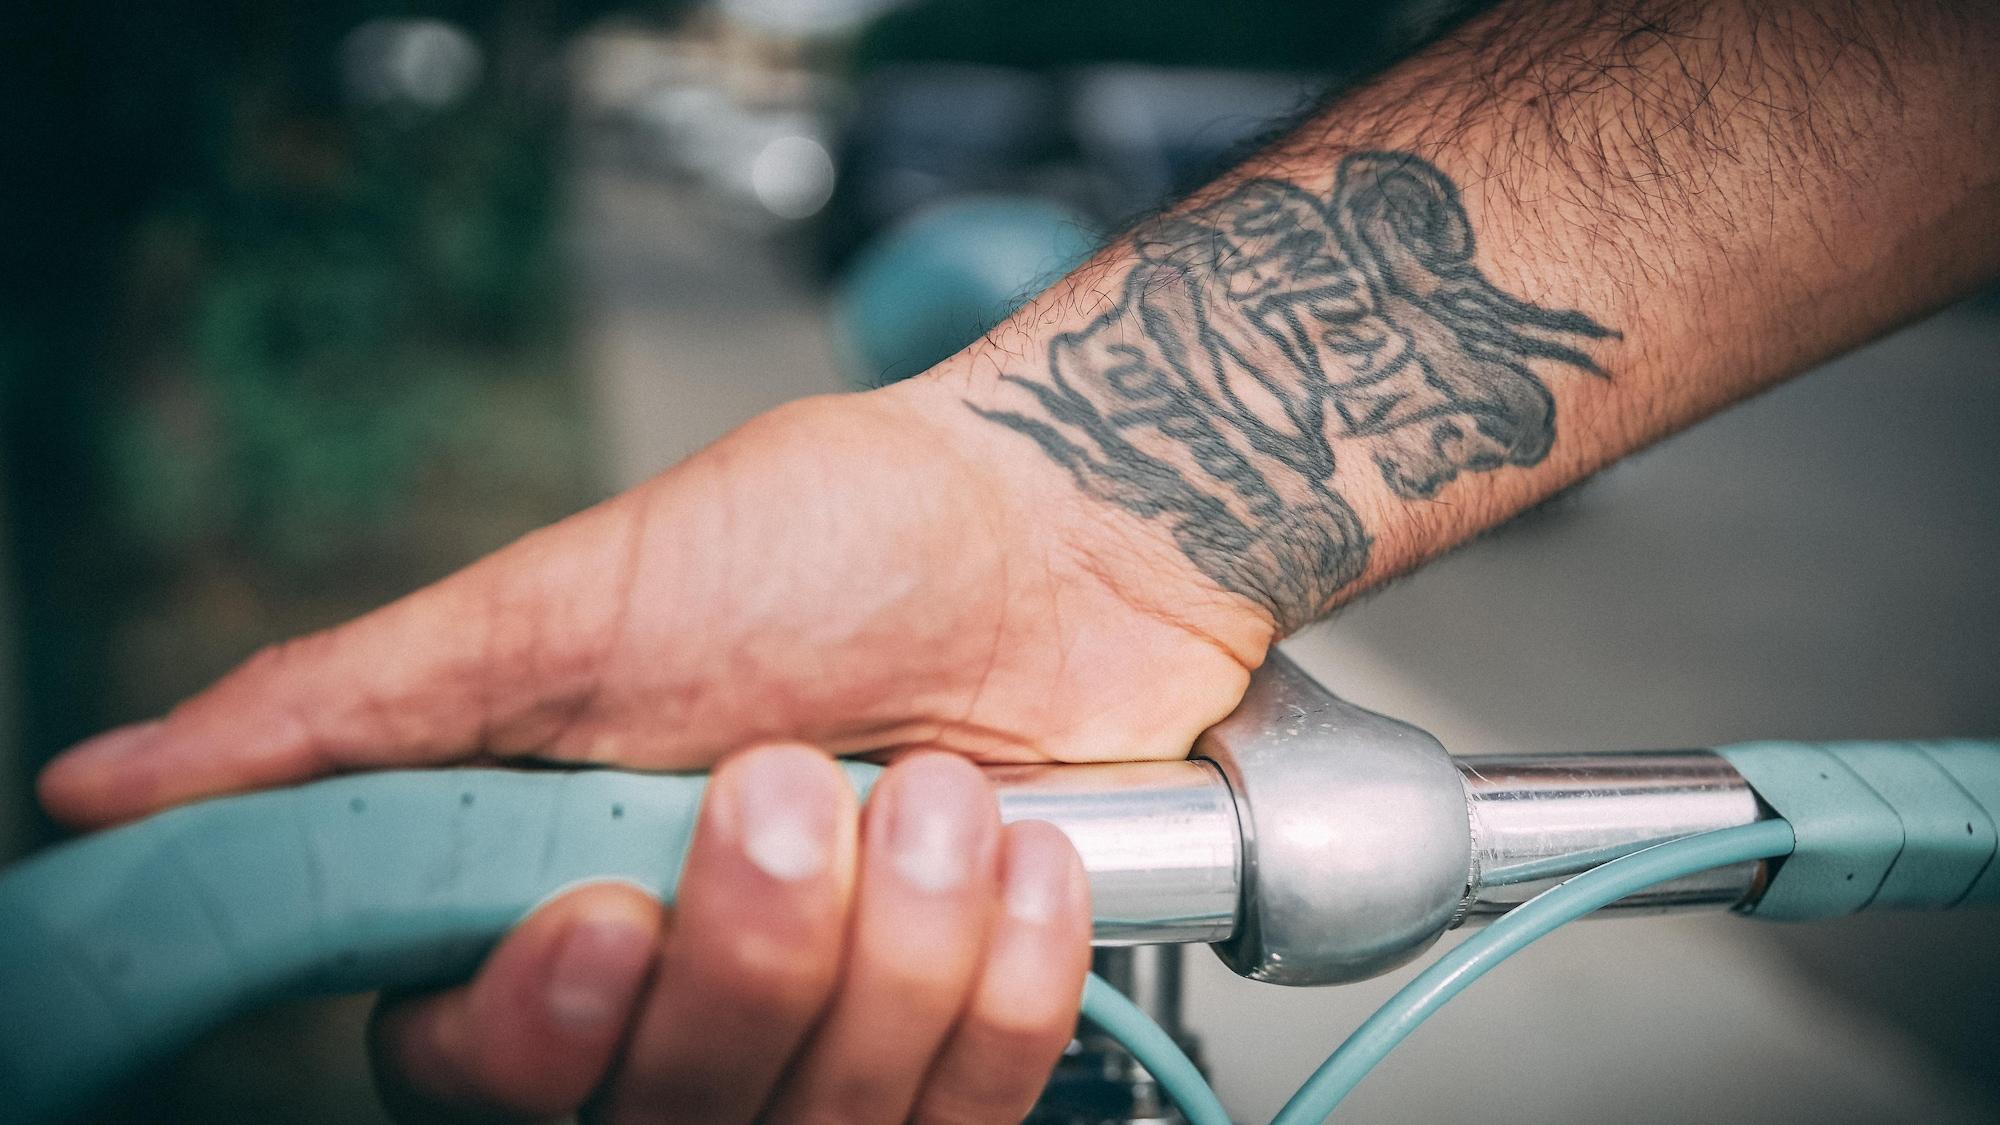 Le poignet droit de Mirsad Bektic montre un tatouage.